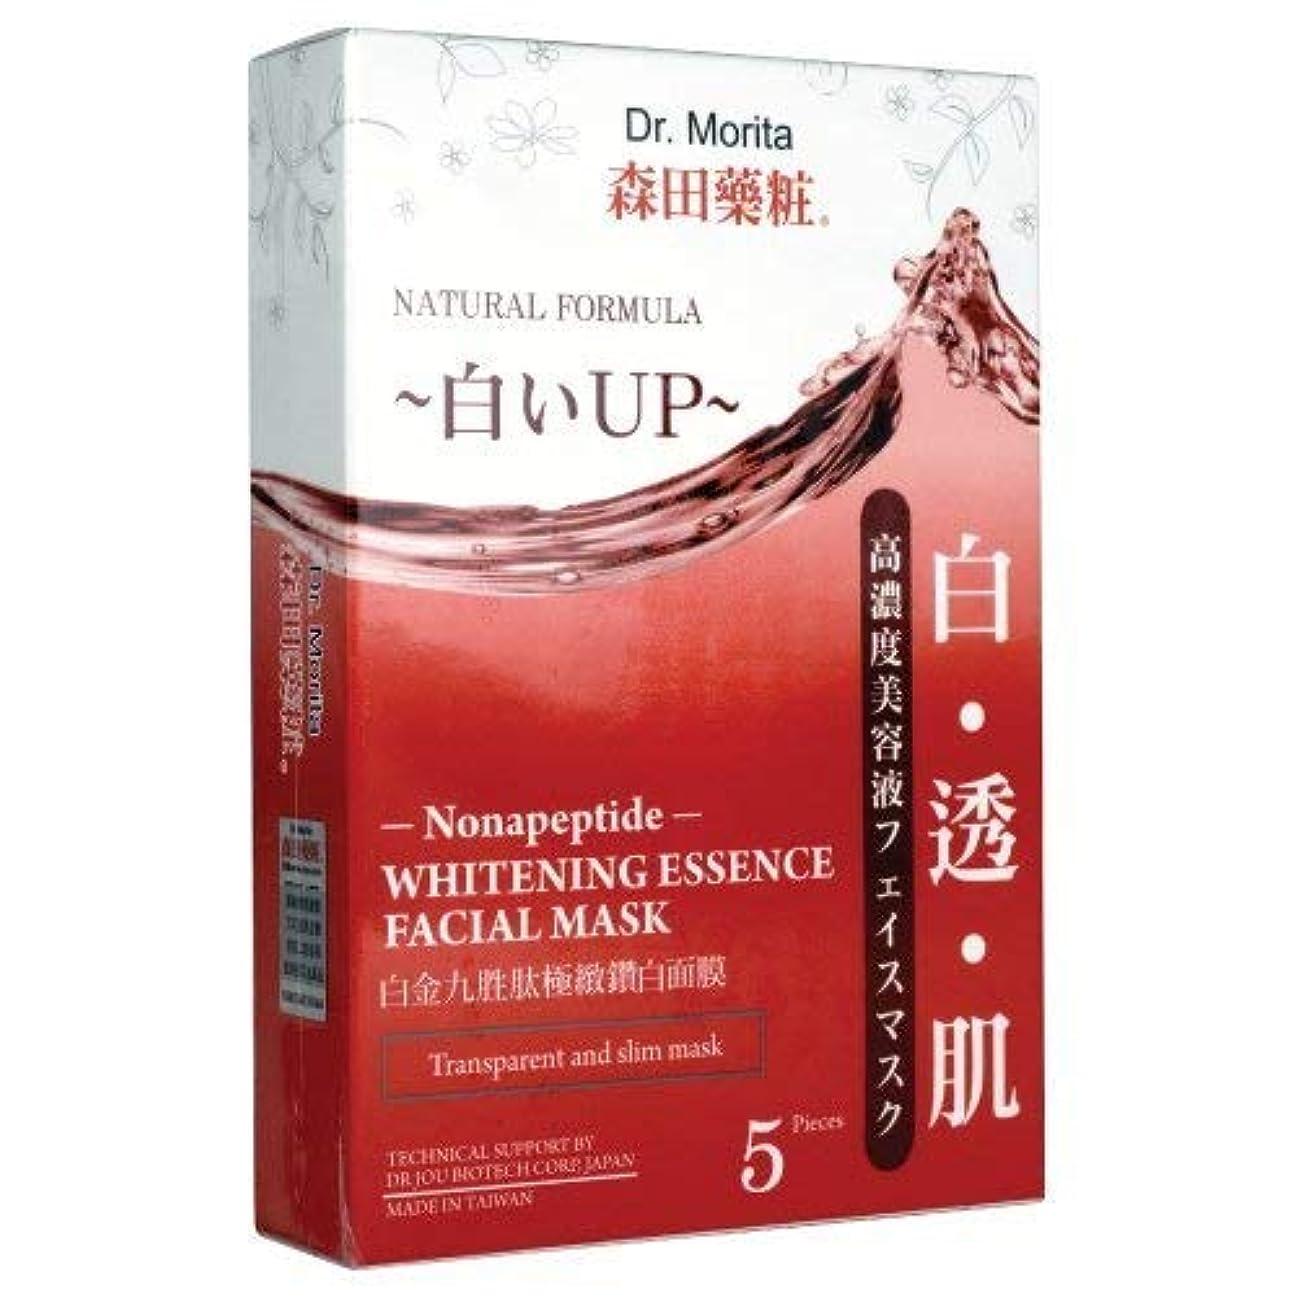 文句を言う天の欺Doctor Morita 皮膚はしなやかでしっとりするようにナノペプチドは、マスク5皮膚とのバランス肌の水分レベルをホワイトニング。